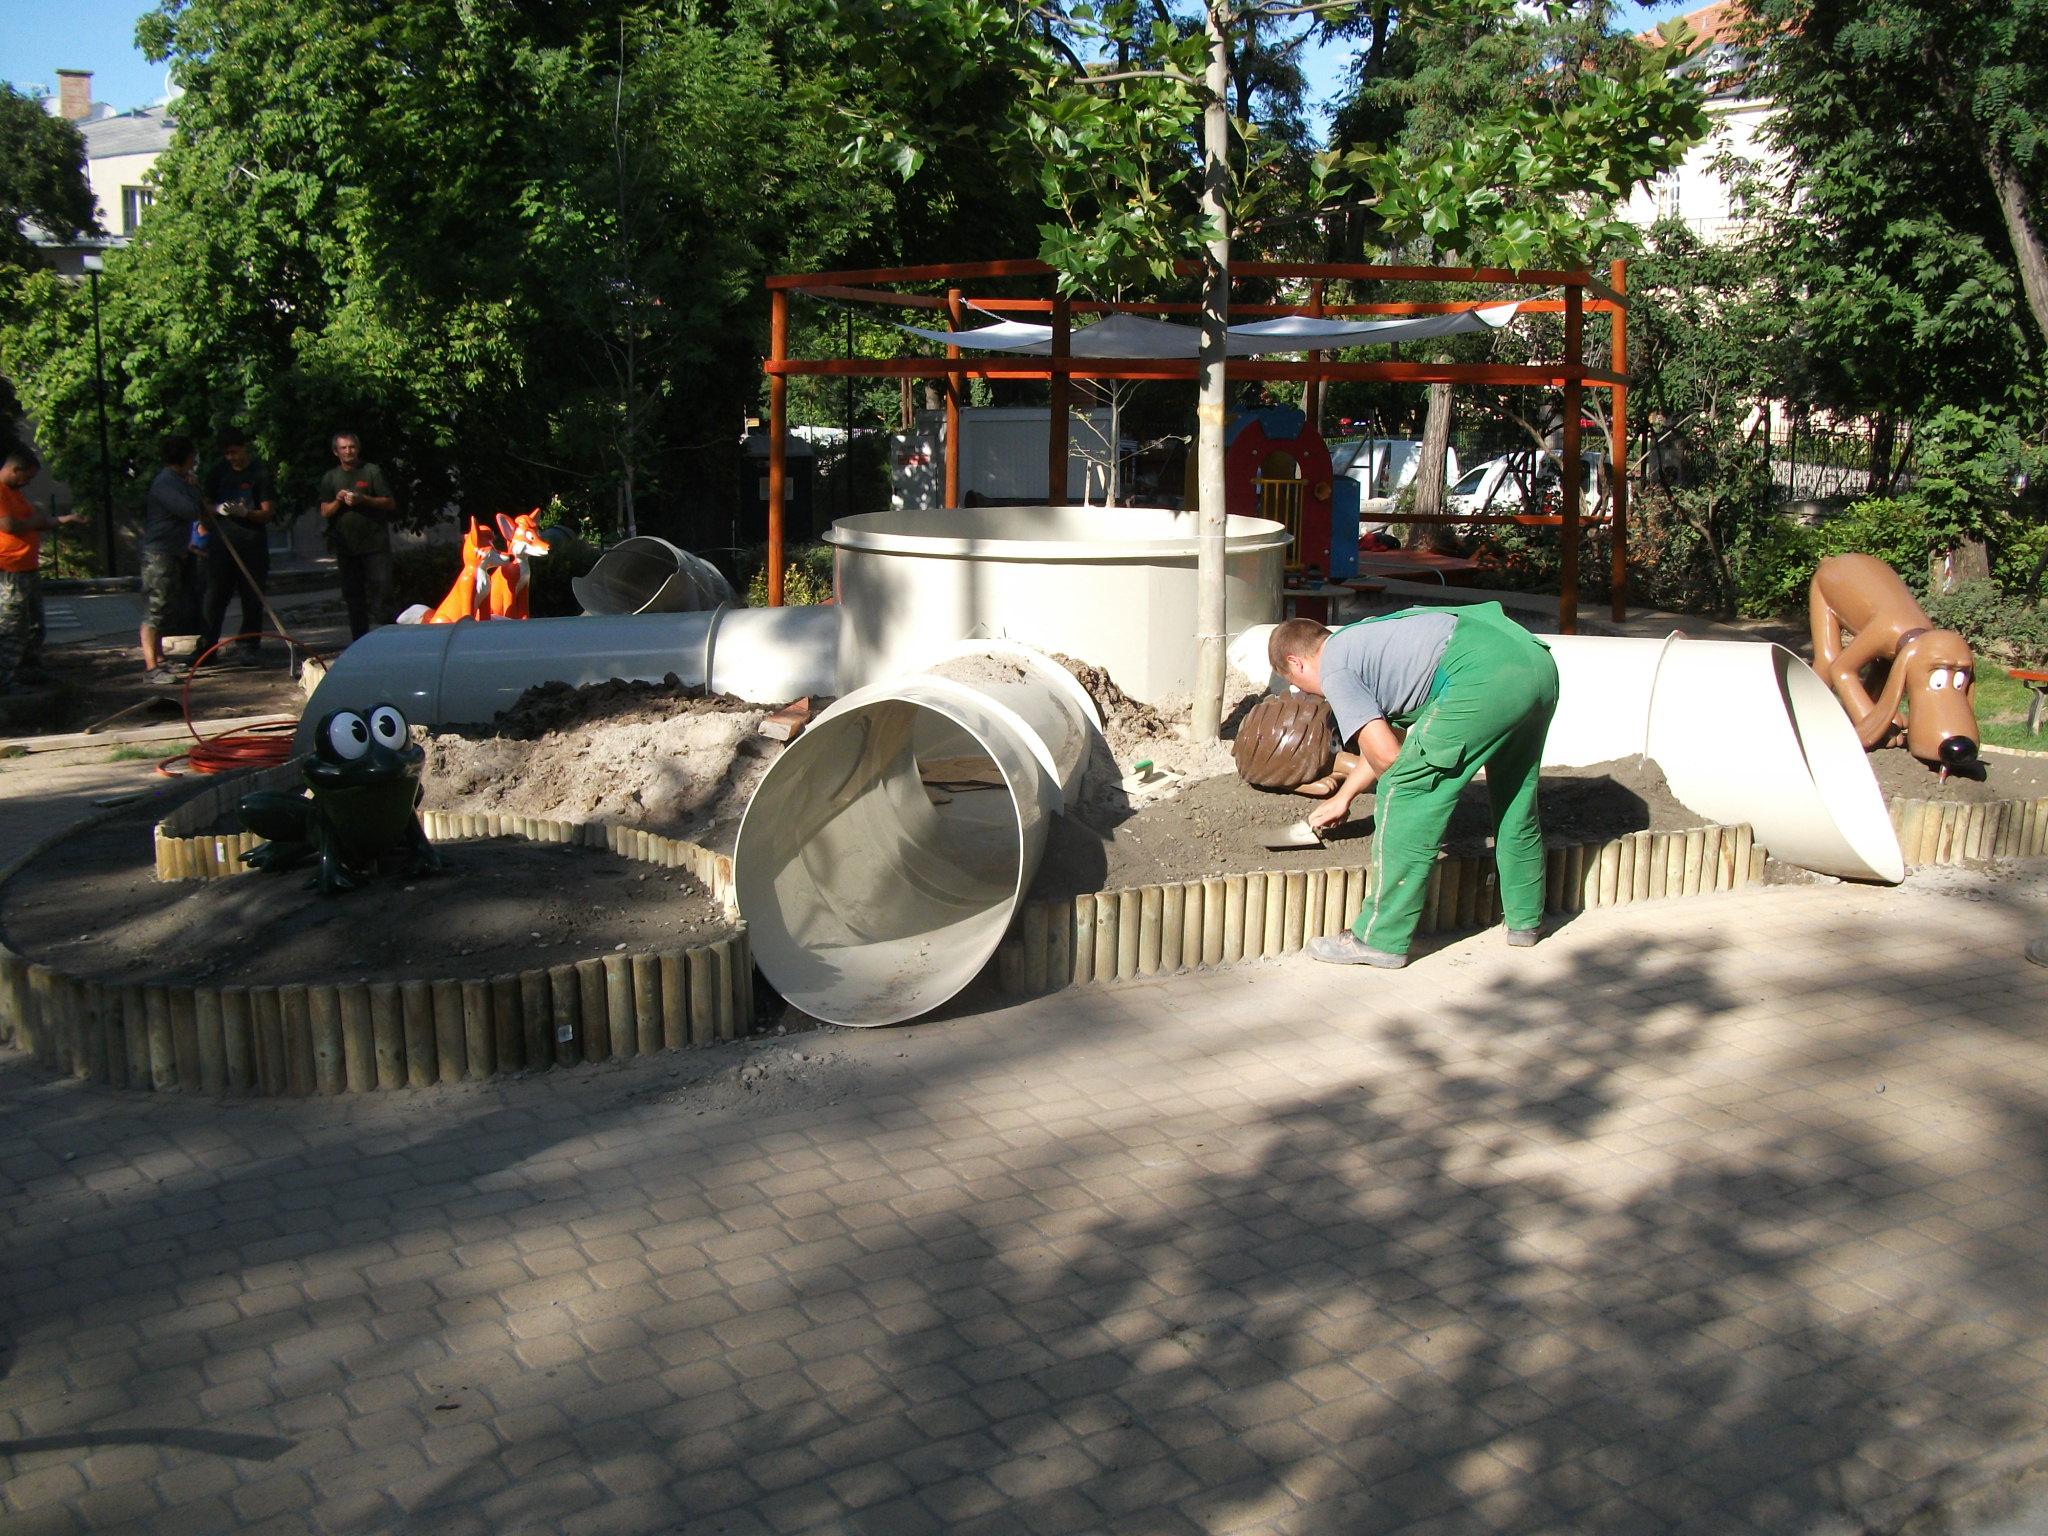 Szirtes utca, Vuk játszótér építési munkálatai